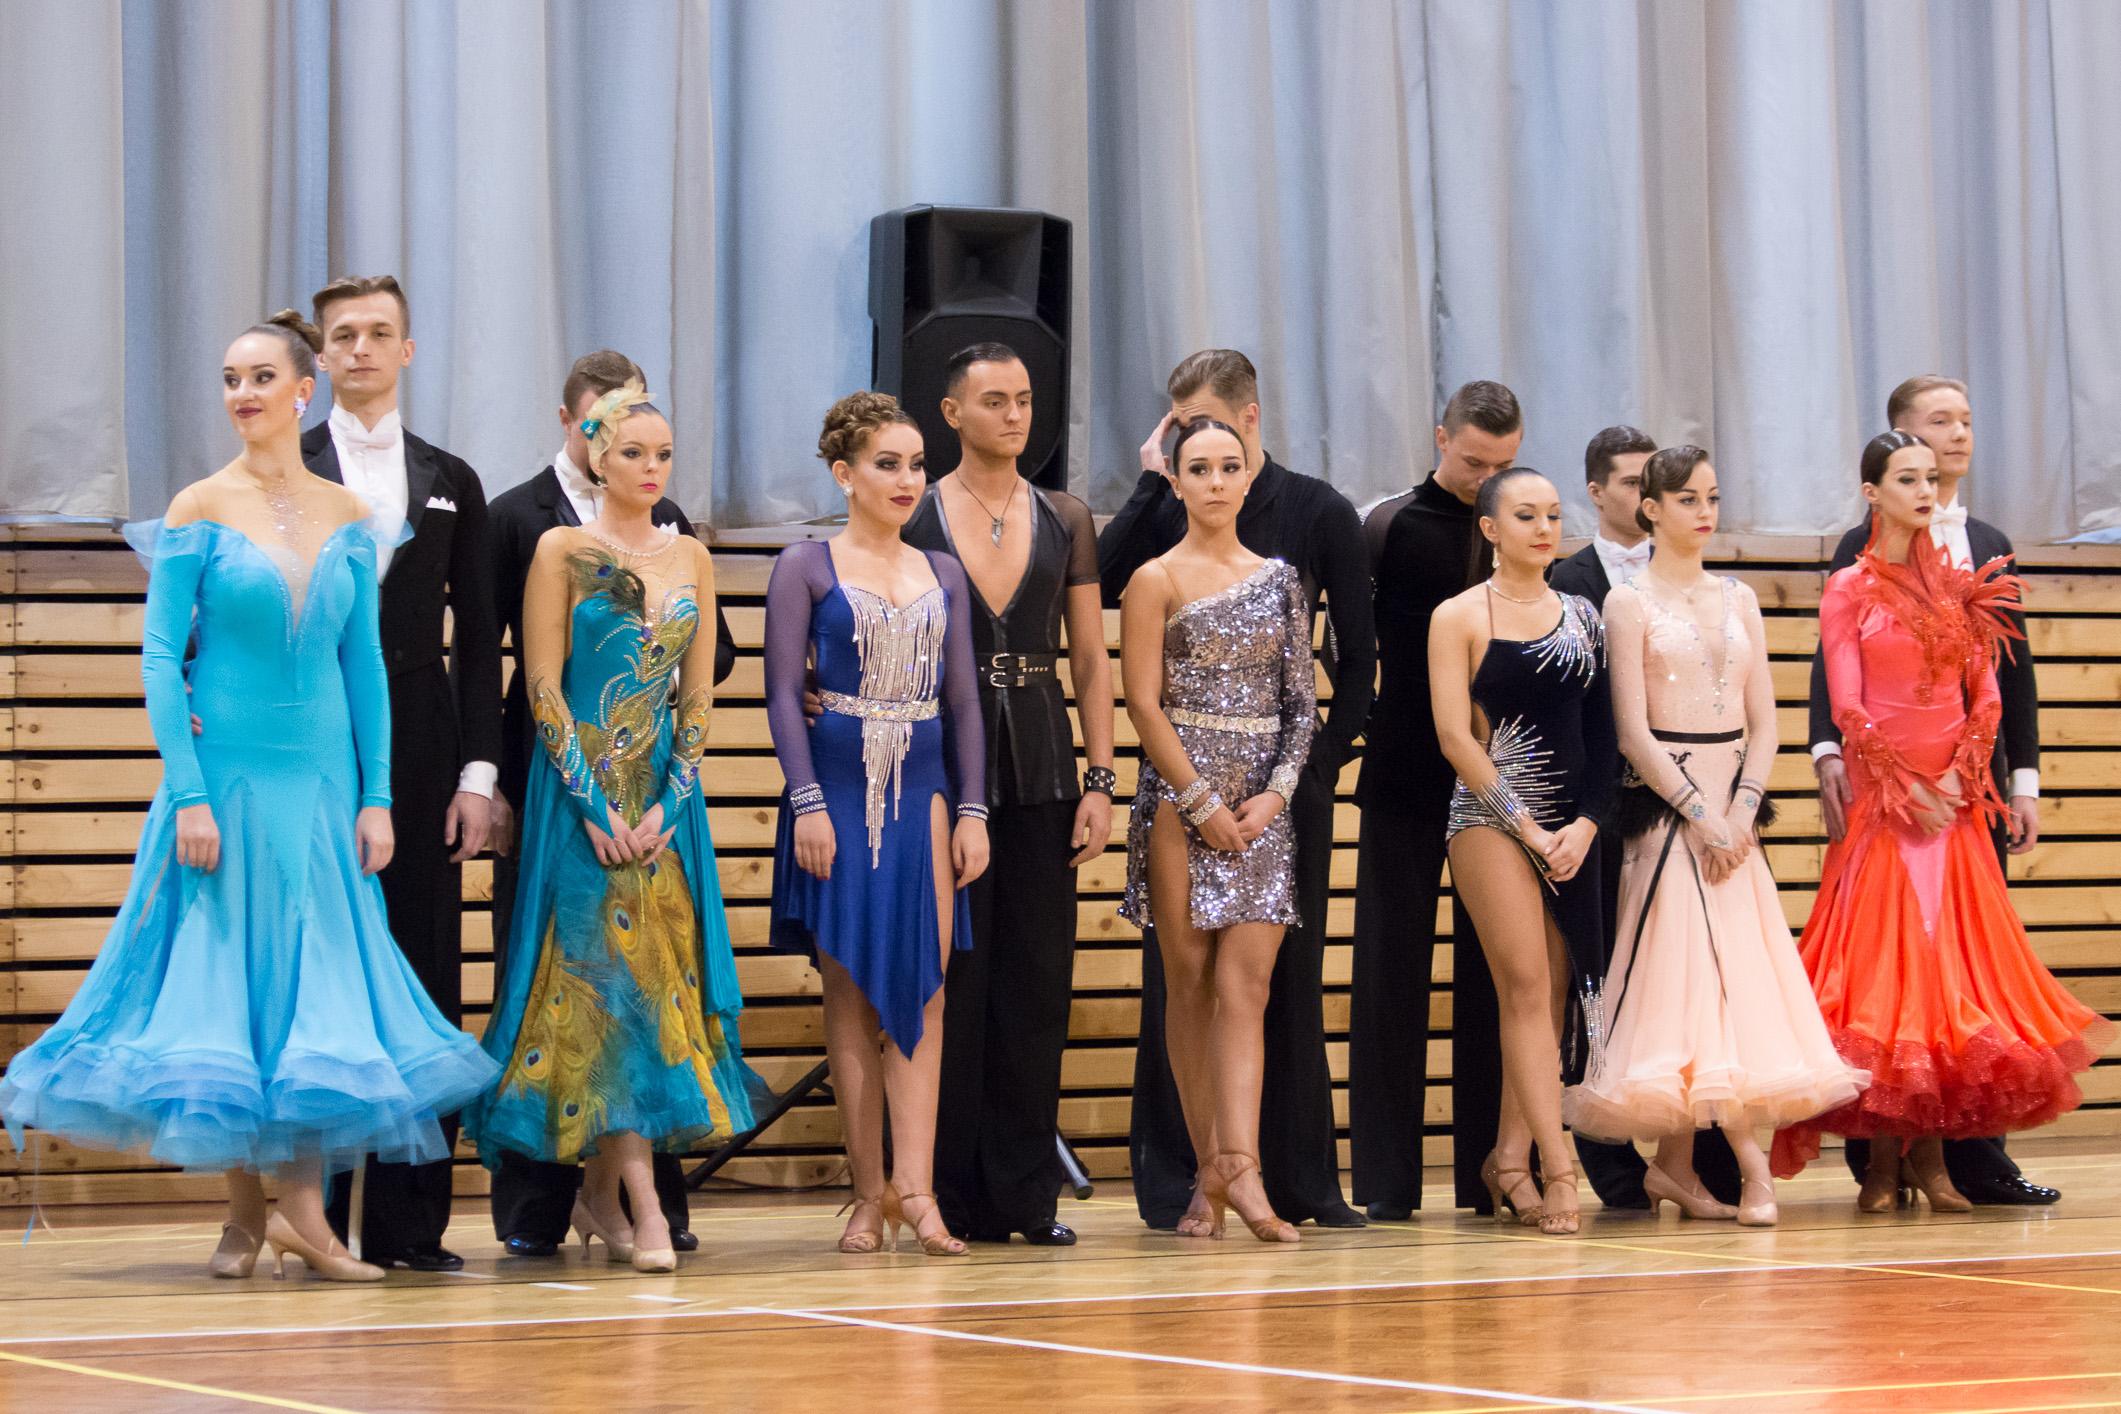 univerziada-tu-zv-tanecny-sport-1